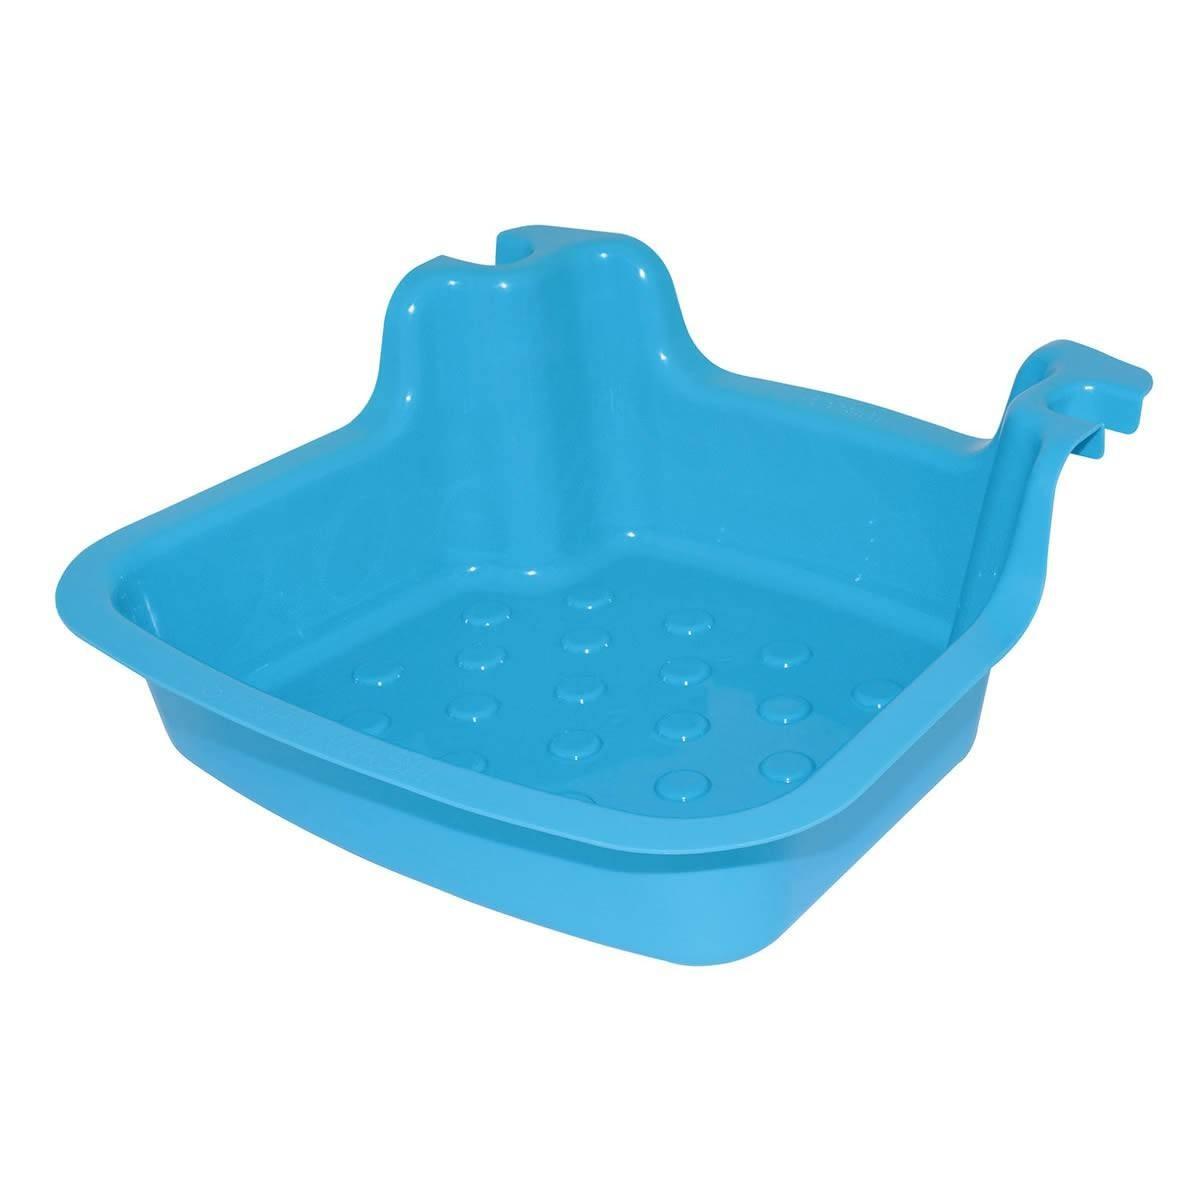 Fußbad hellblau